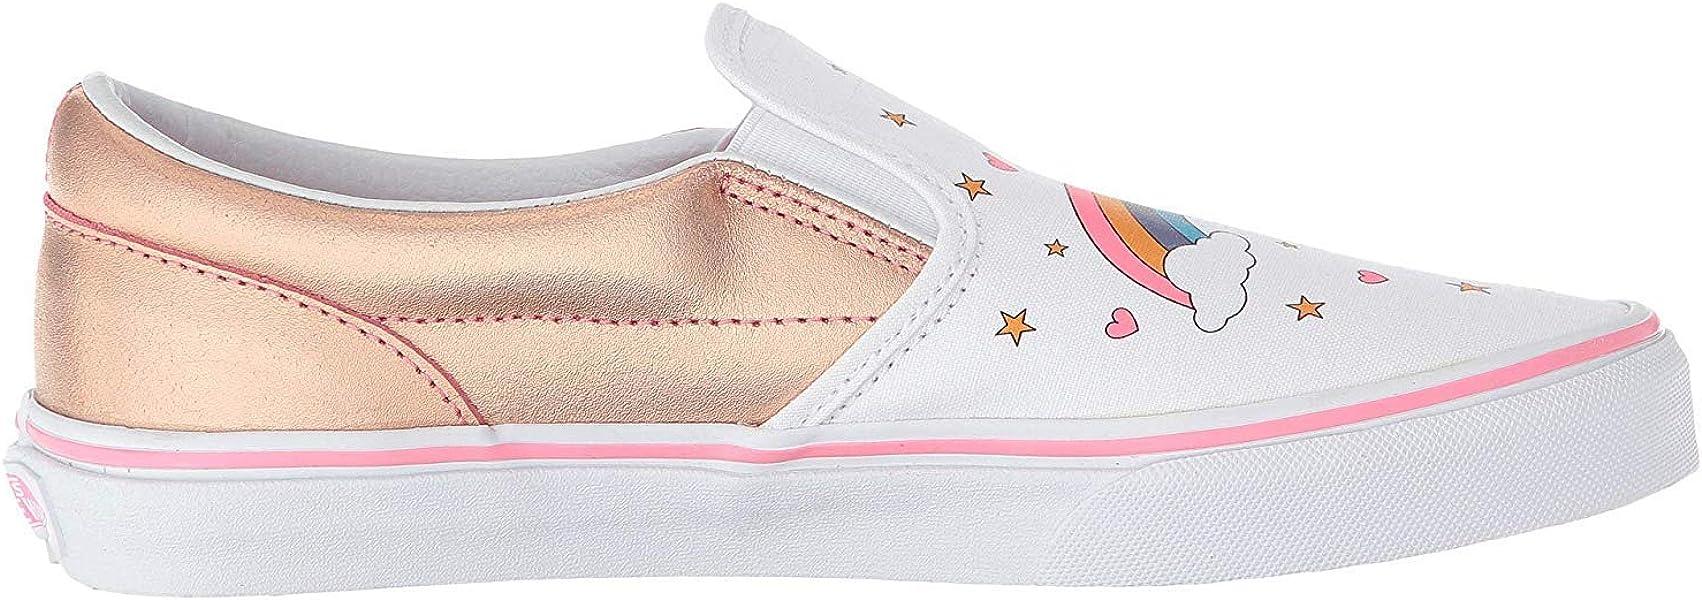 bef48891f5ee1 Vans VN-0EX8UGL  Boys Slip On Unicorn Rainbow Pink Lemonade True White  Sneakers